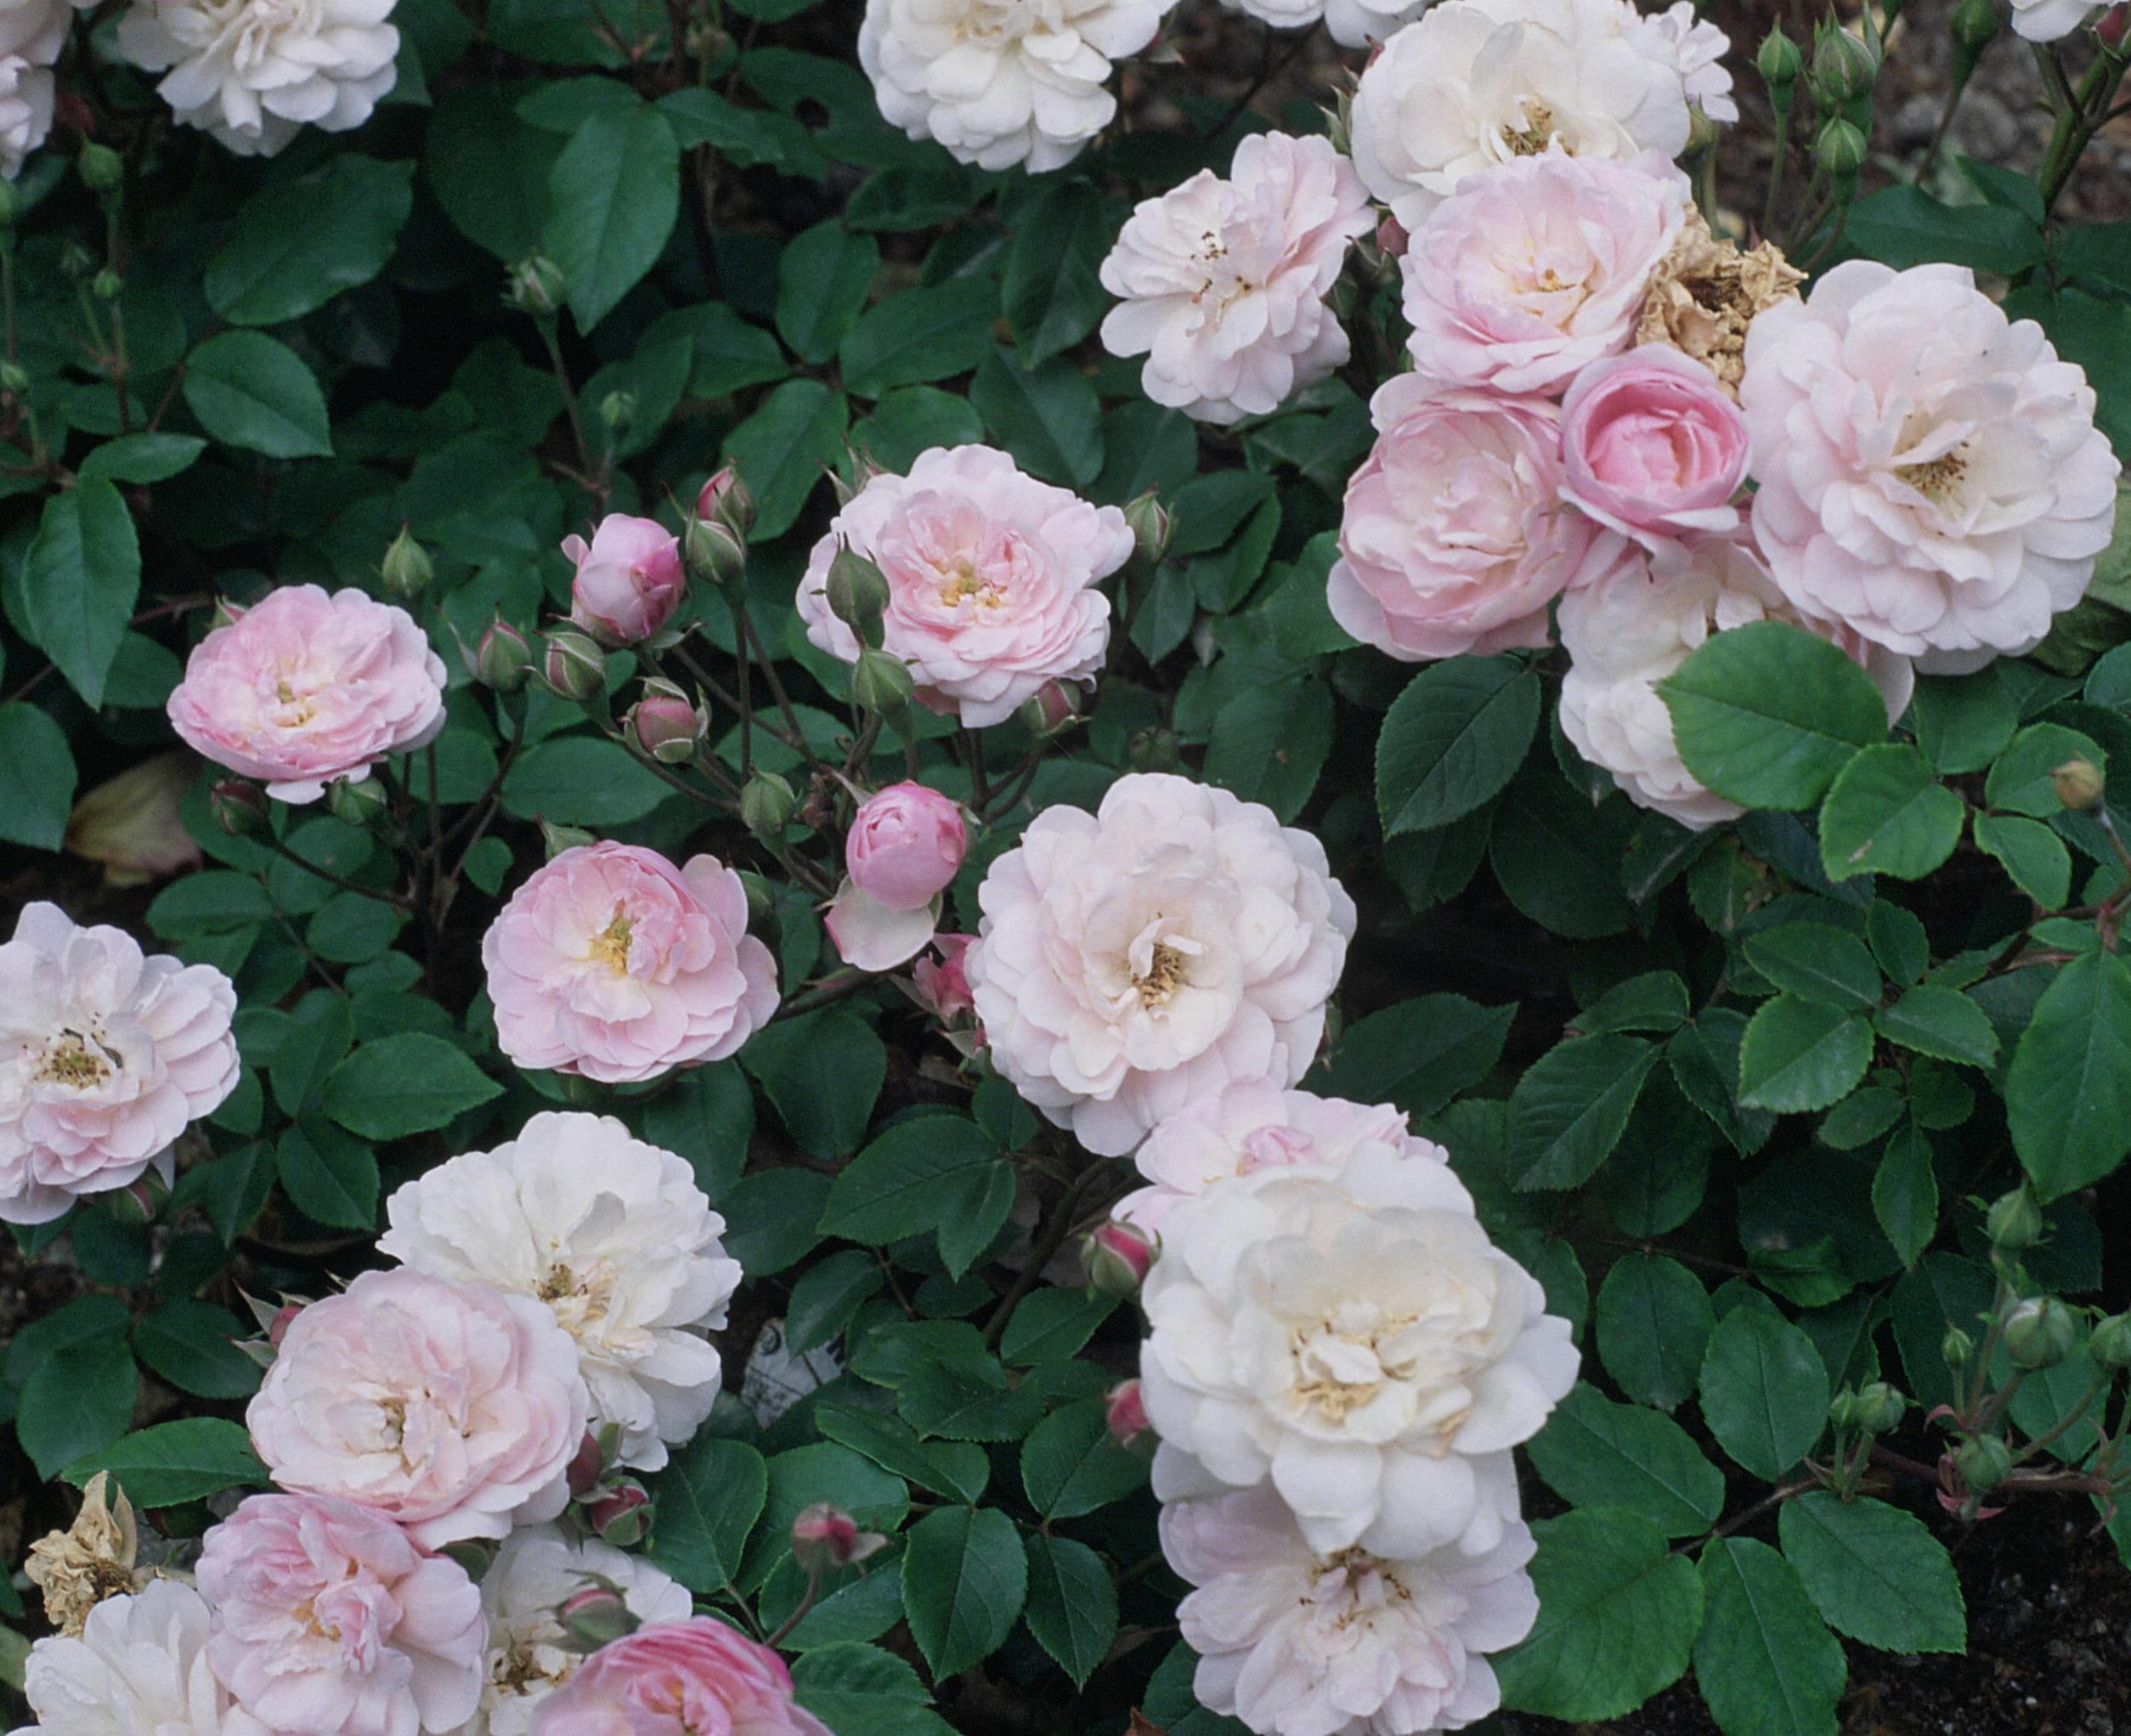 Rosa \'Blush Noisette\' - Wikipedia